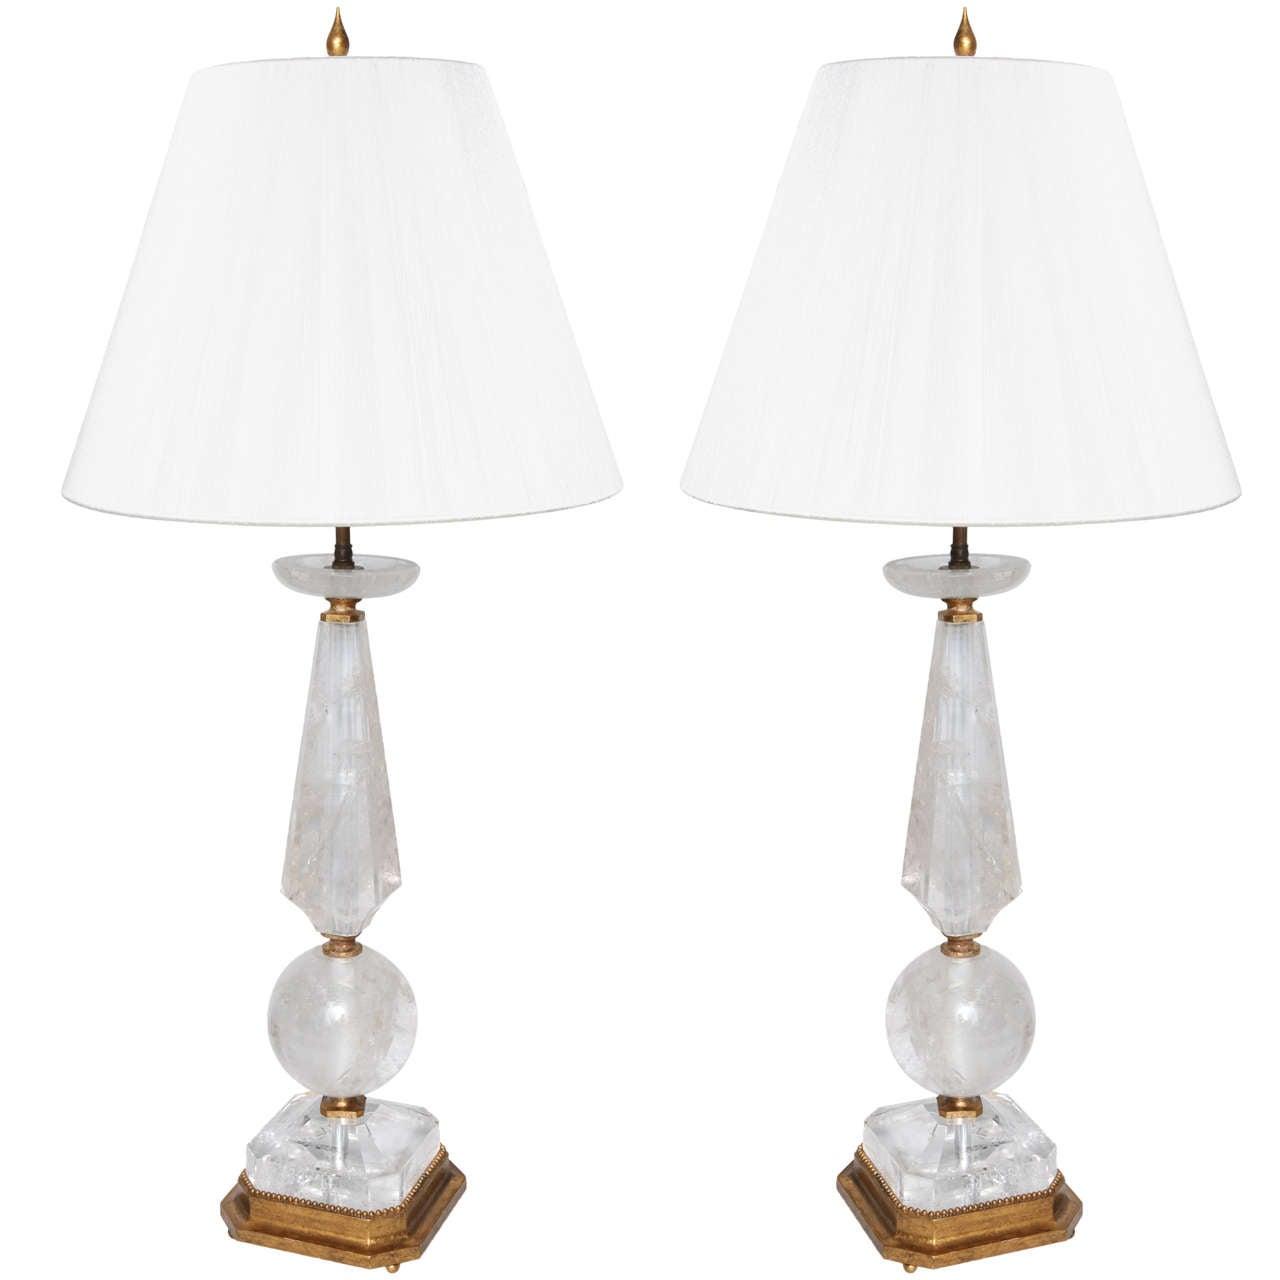 large rock crystal table lamps at 1stdibs. Black Bedroom Furniture Sets. Home Design Ideas